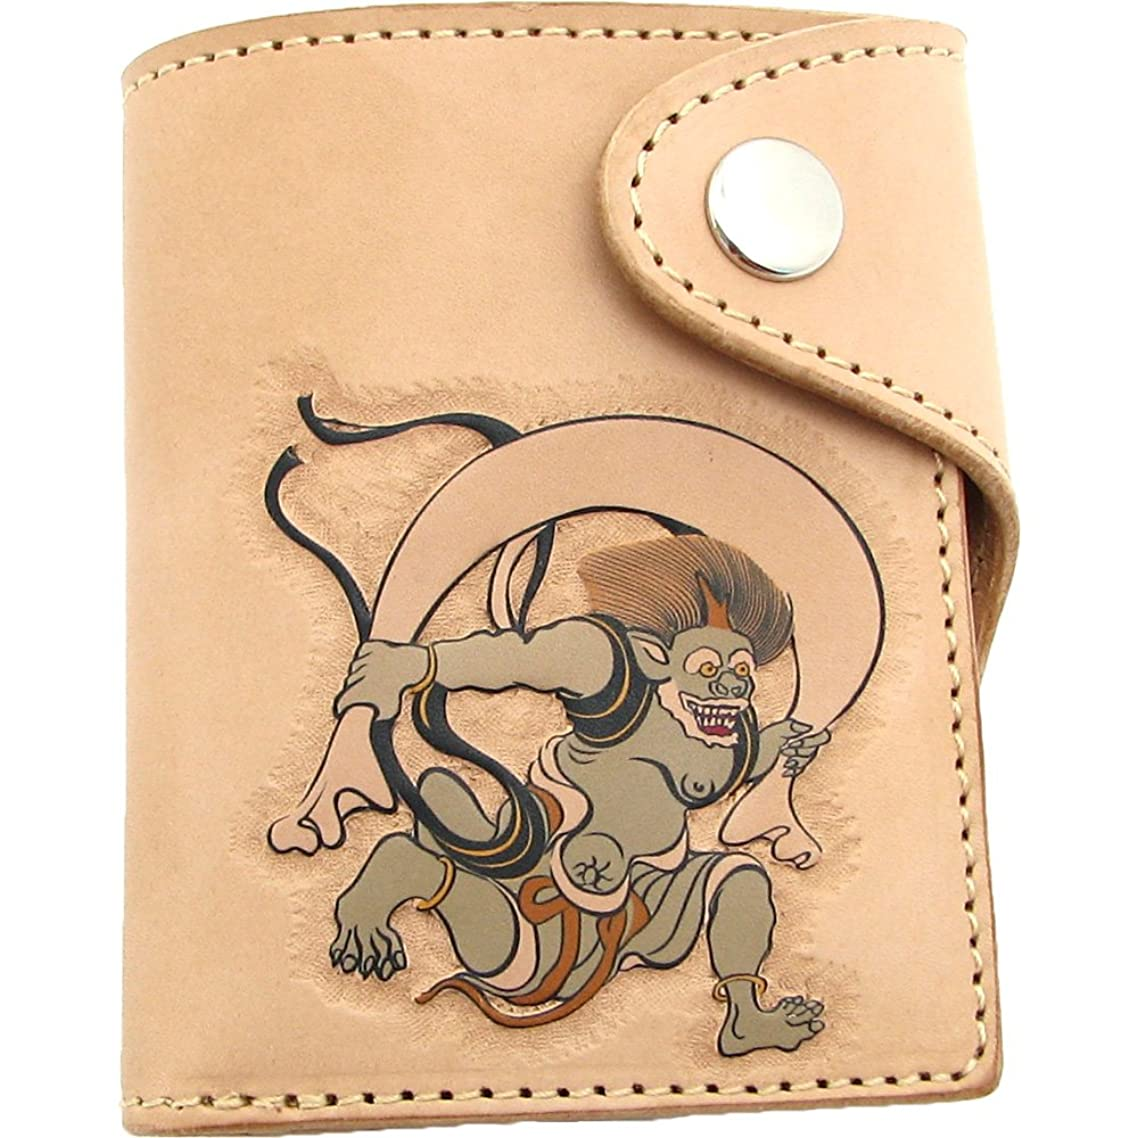 疑い者失むしろ本牛革二つ折り財布和柄ショートウォレット風神レリーフ仕上げ